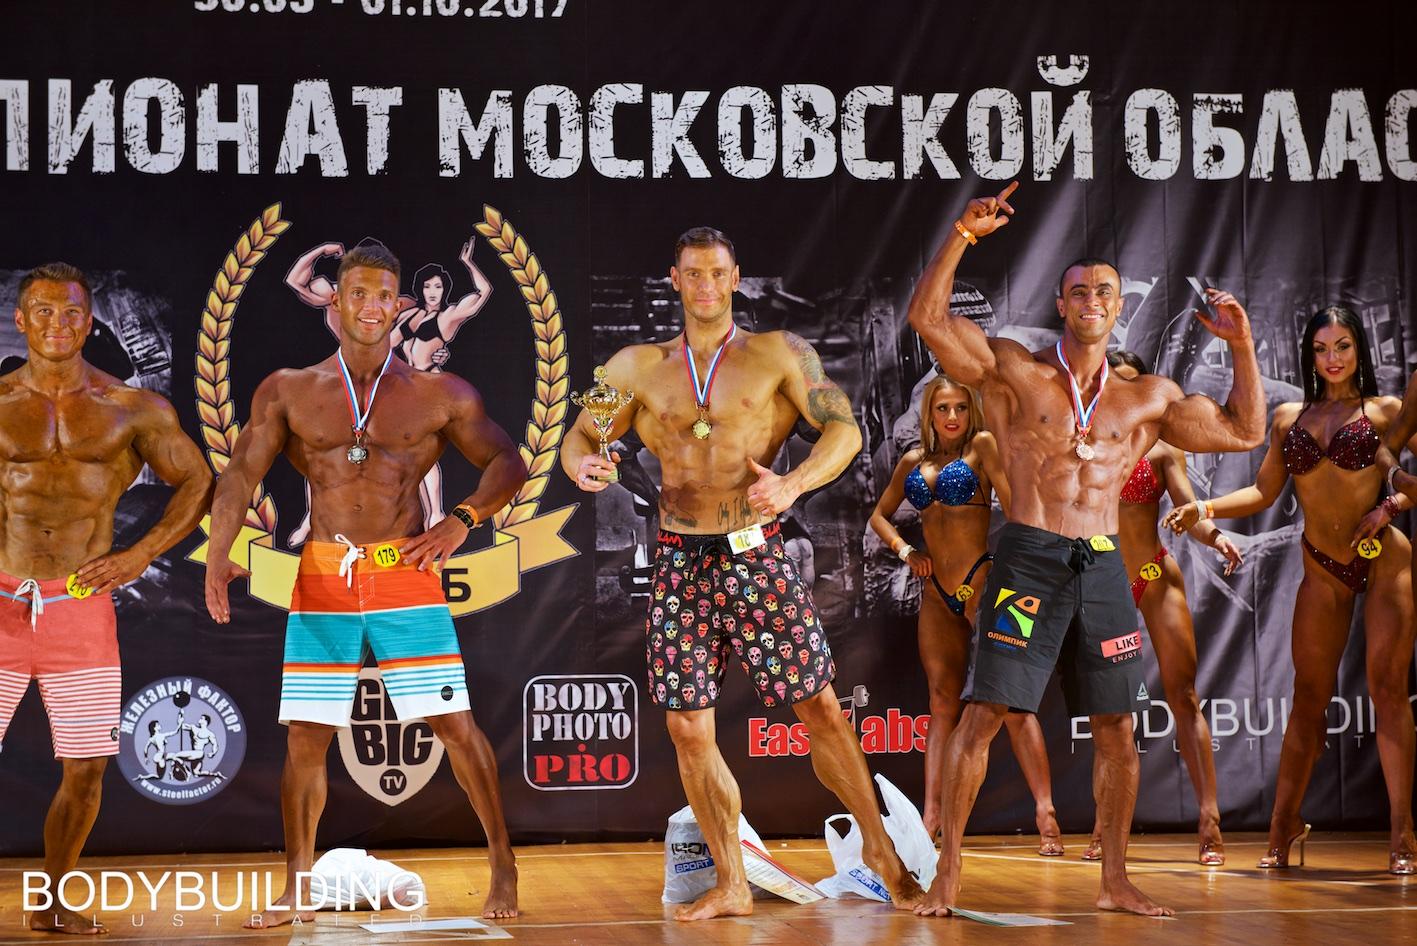 Обновление в Положении чемпионата Москвы 2017